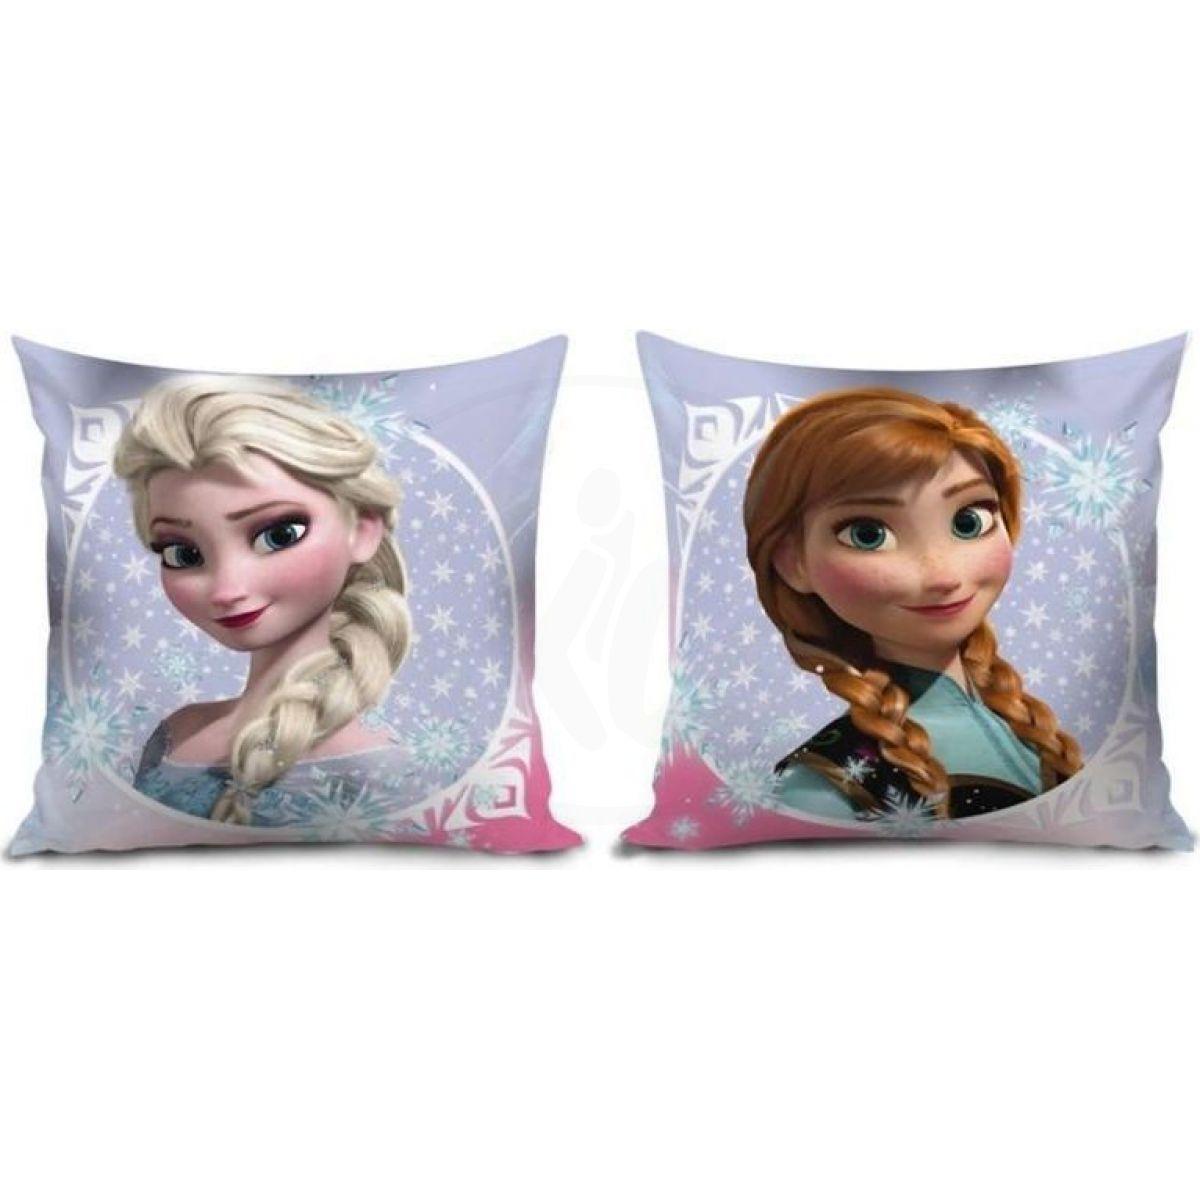 Lamps Polštář Frozen Anna a Elsa 35x35